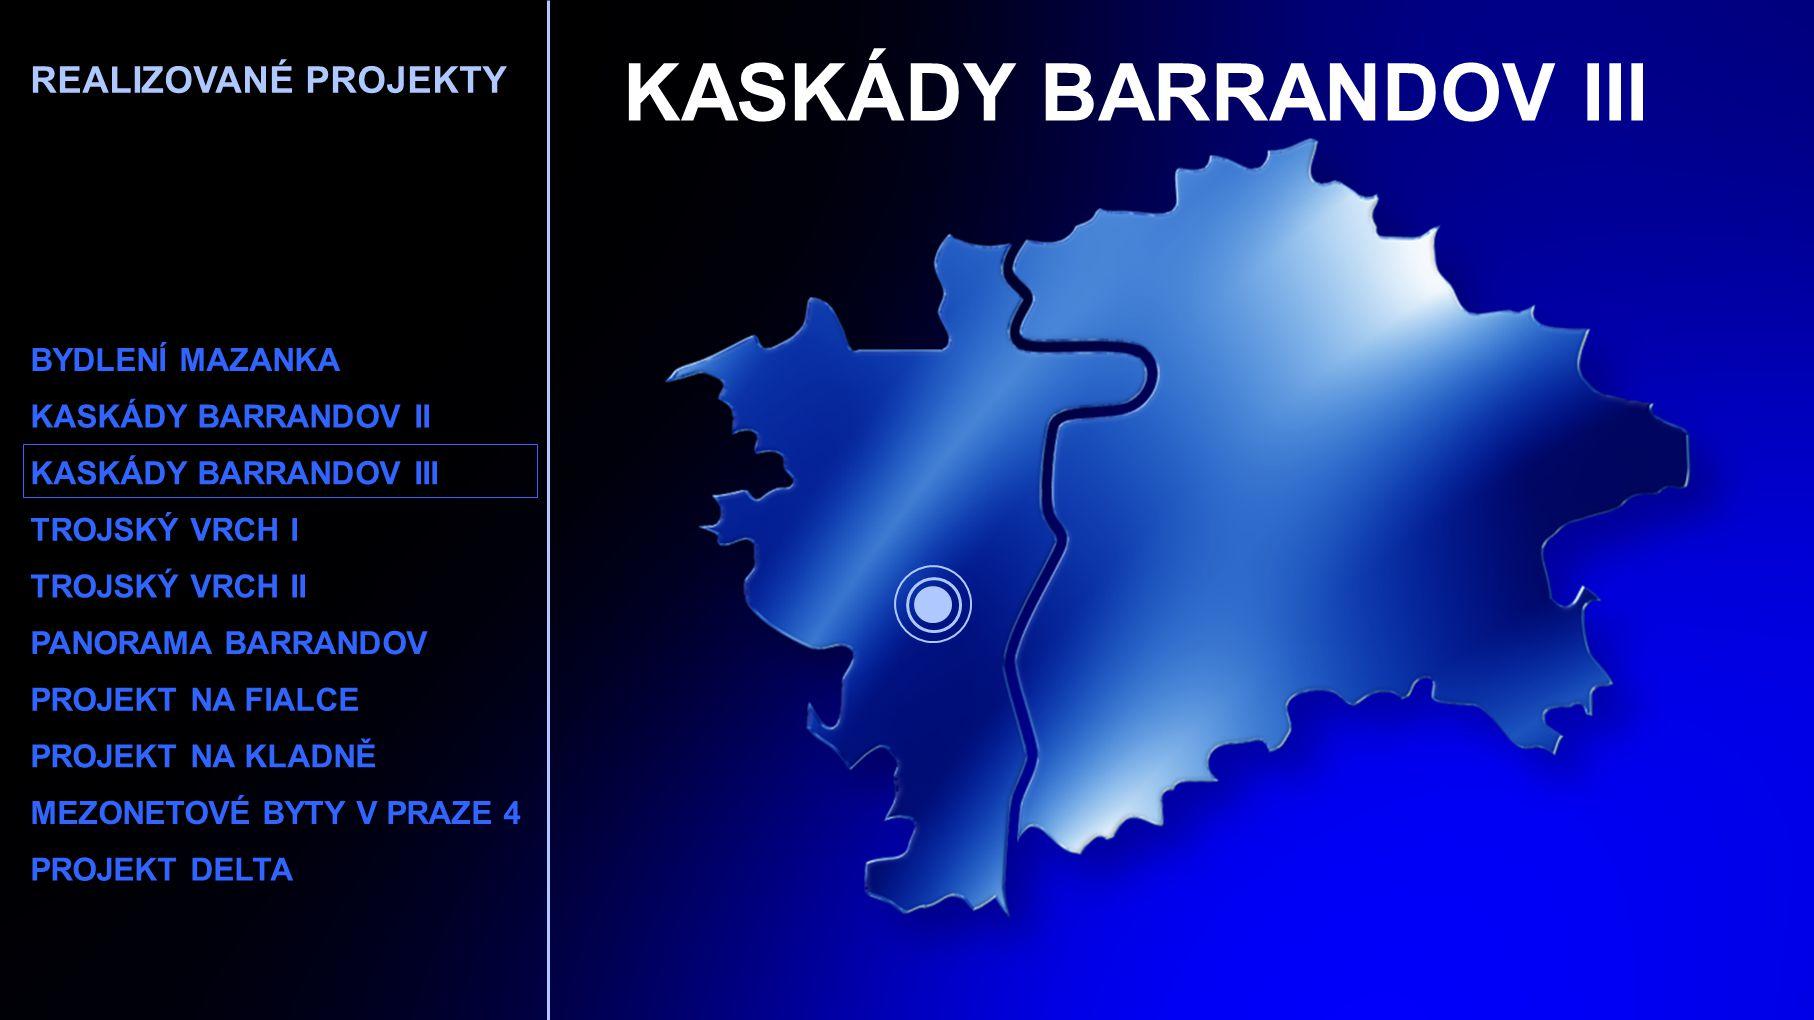 KASKÁDY BARRANDOV III REALIZOVANÉ PROJEKTY BYDLENÍ MAZANKA